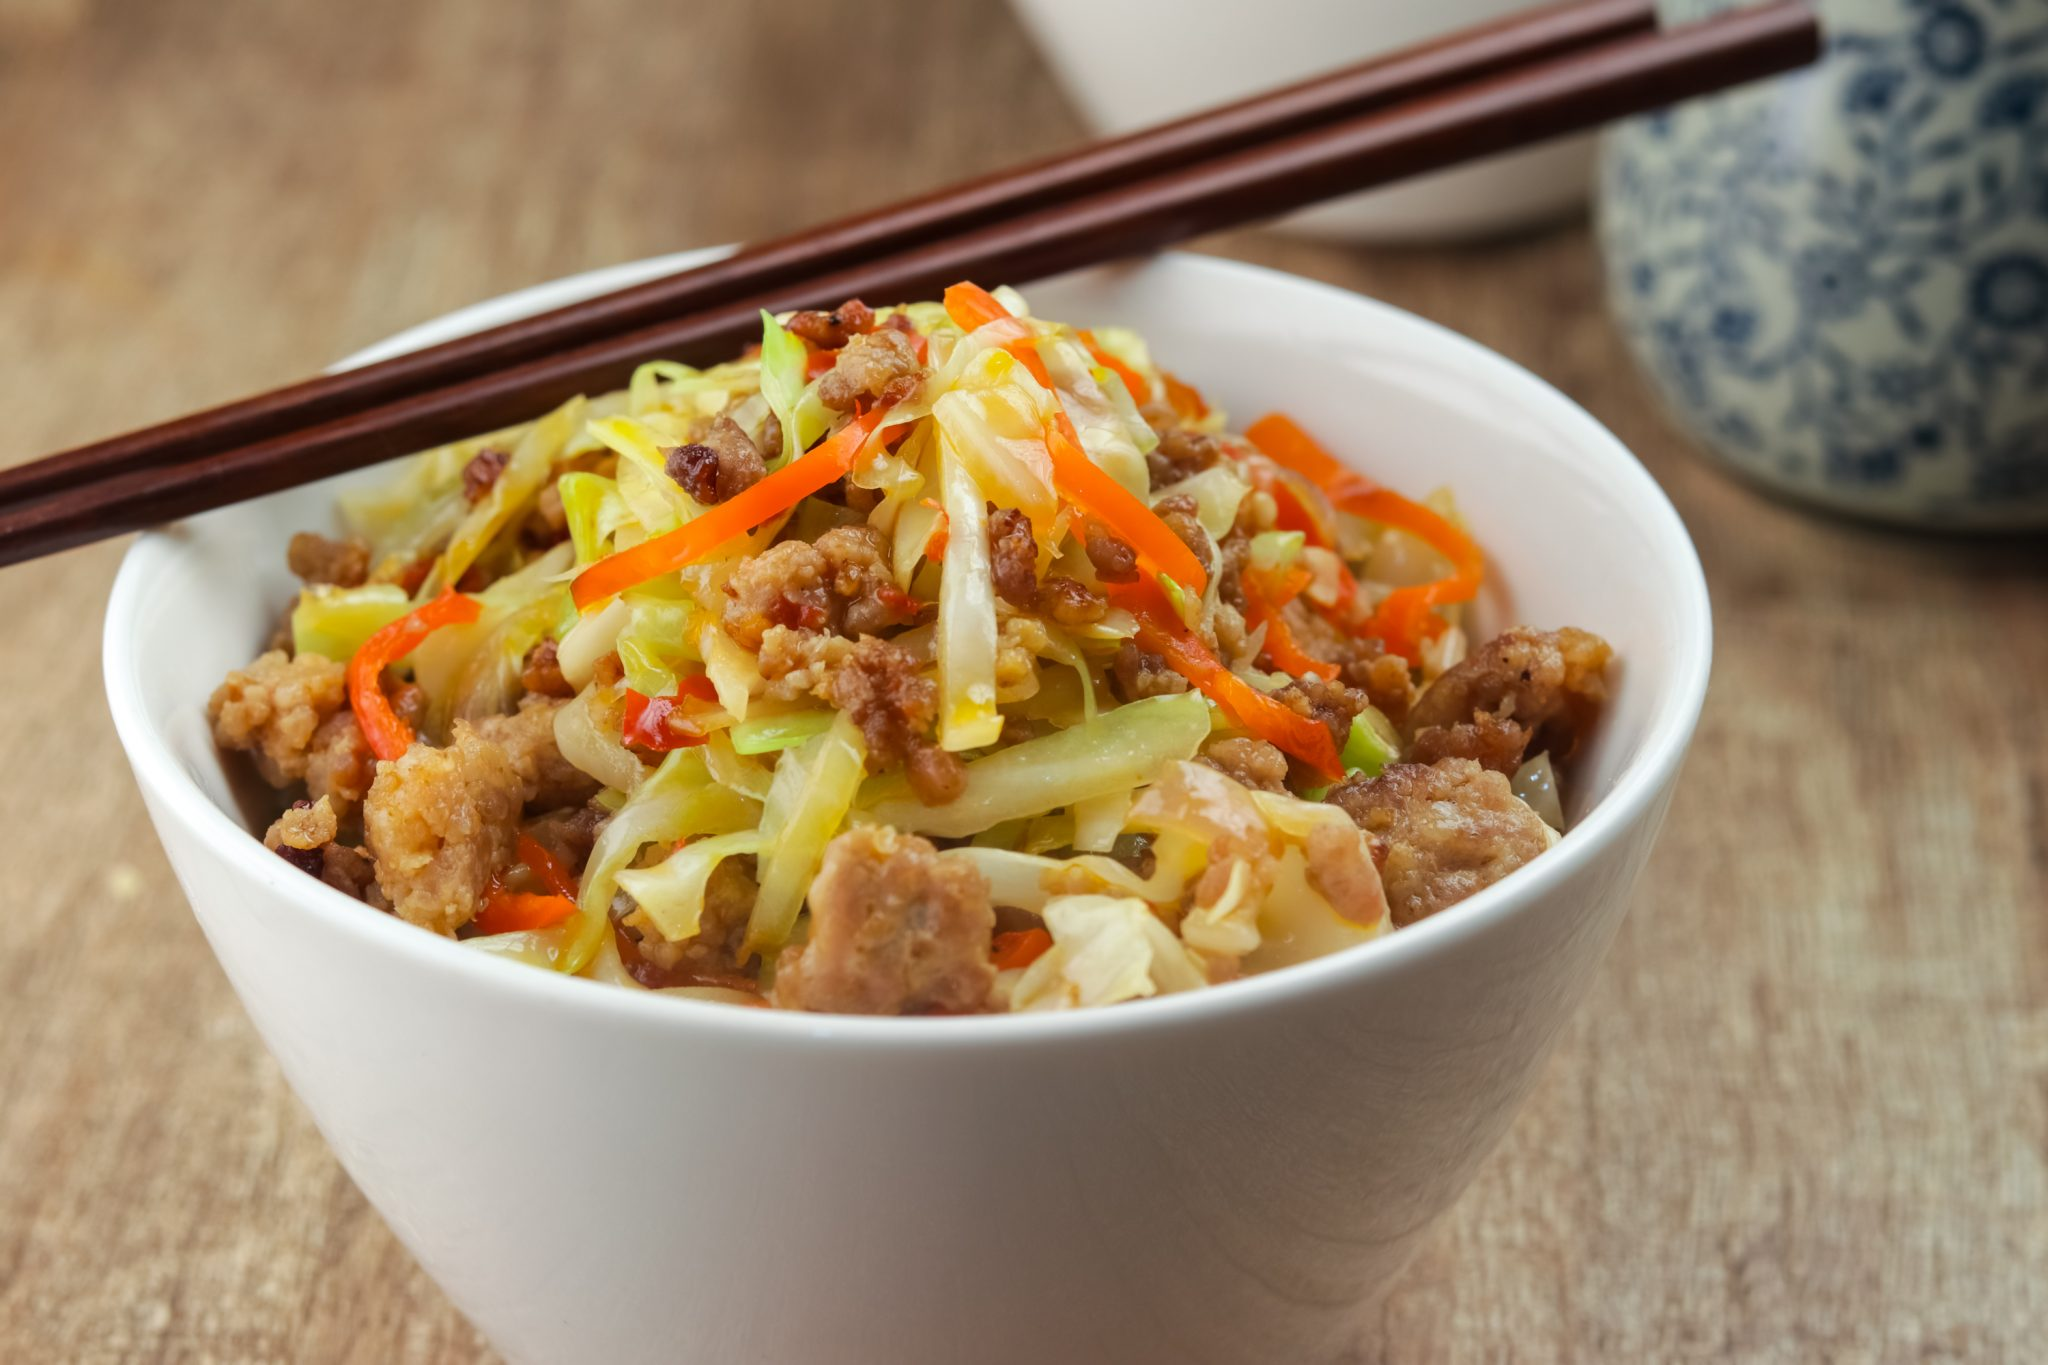 keto recipes: Keto Curry Spiked Tuna and Avocado Salad